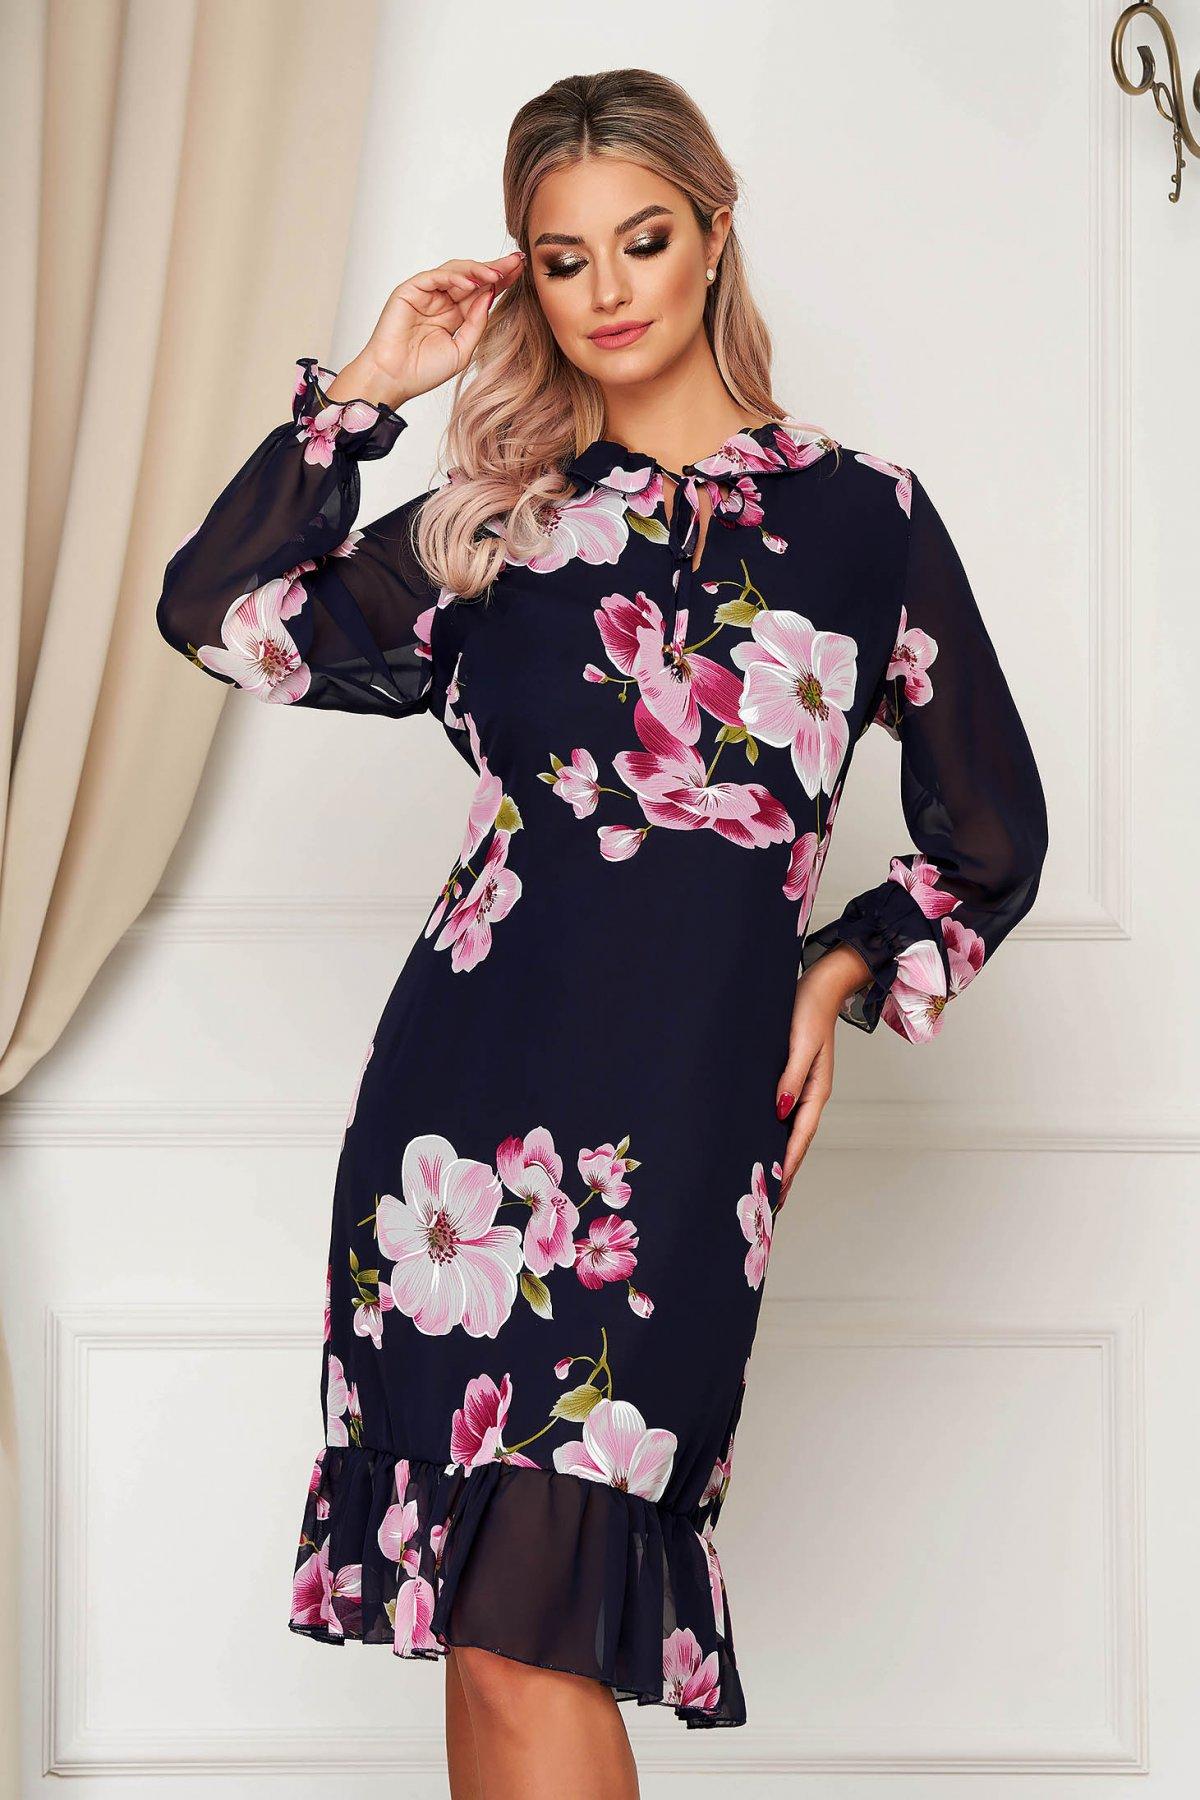 Rochie StarShinerS cu imprimeu floral eleganta din voal cu un croi drept cu volanase la baza rochiei